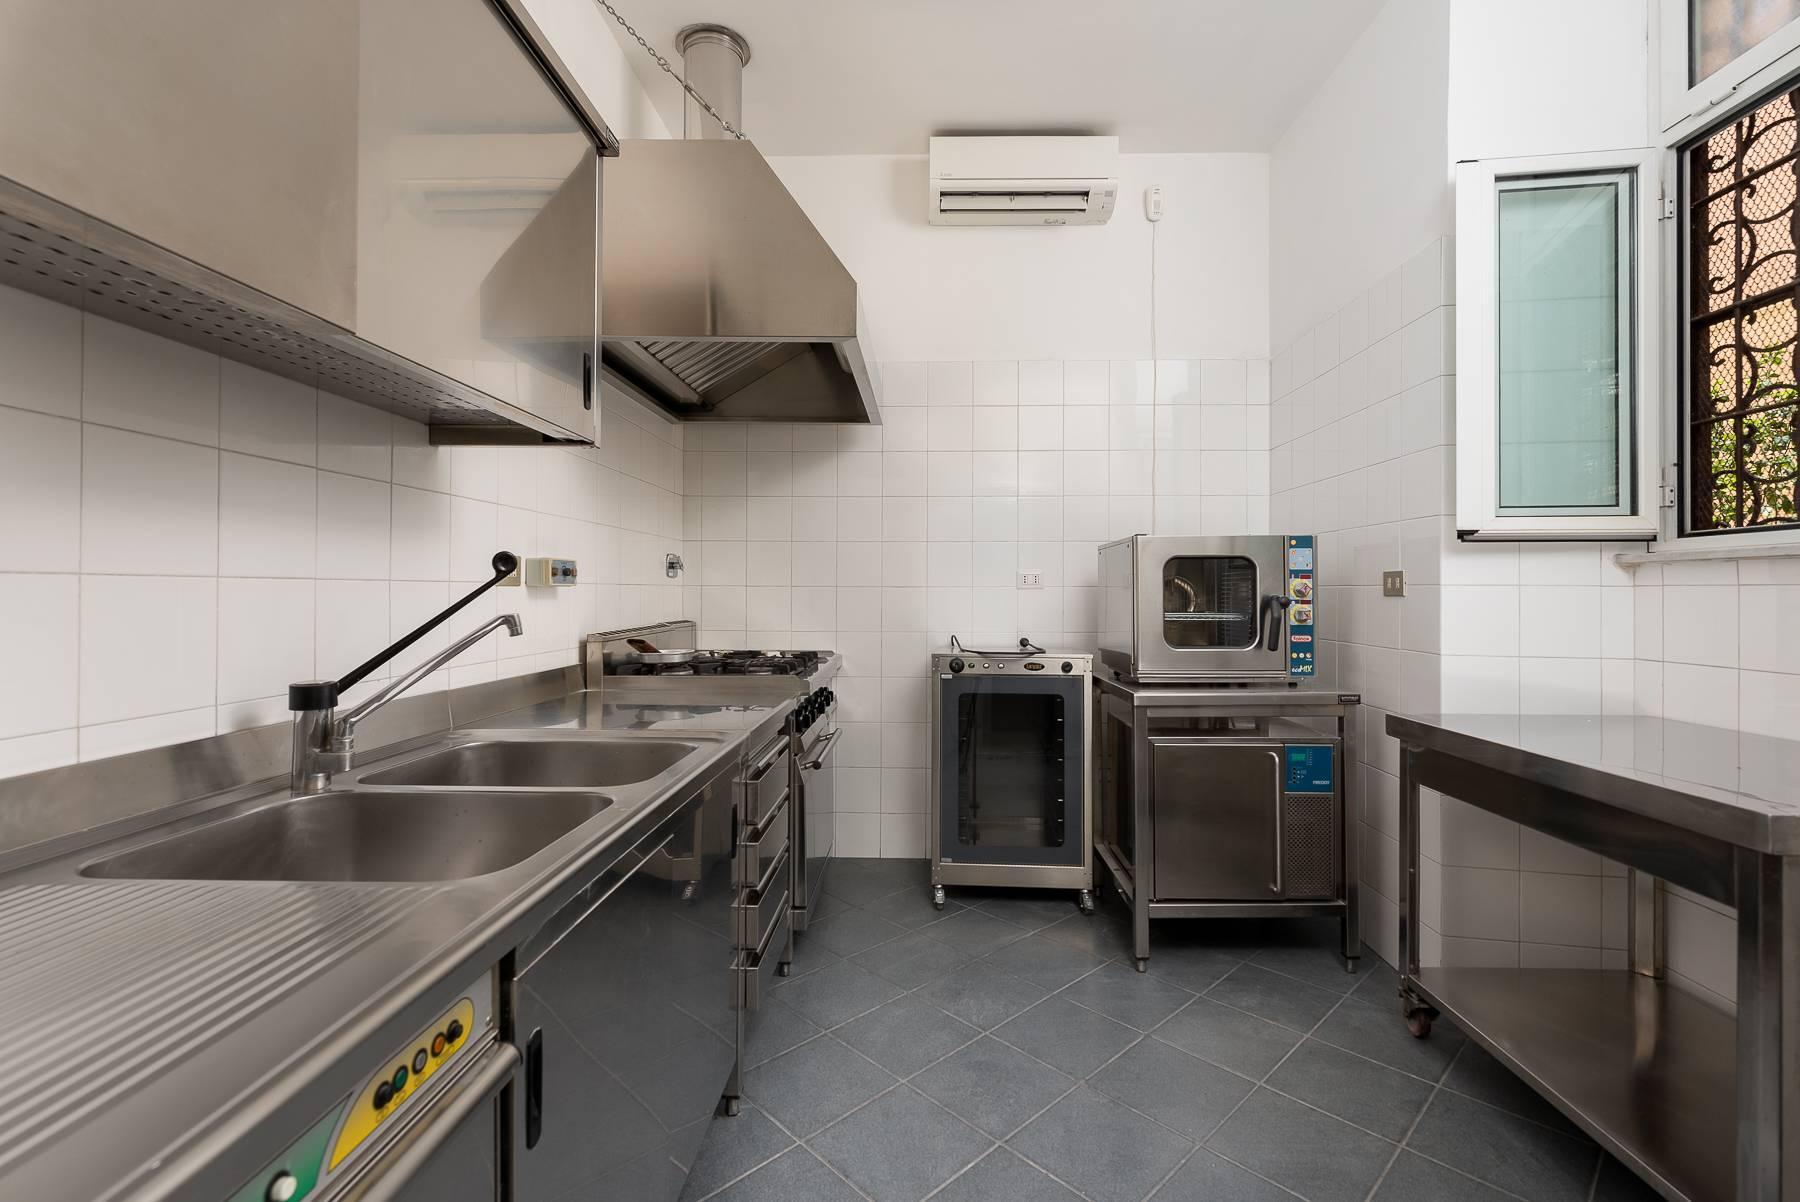 Elégant et spacieux appartement avec terrasse, jardin et garage. - 13